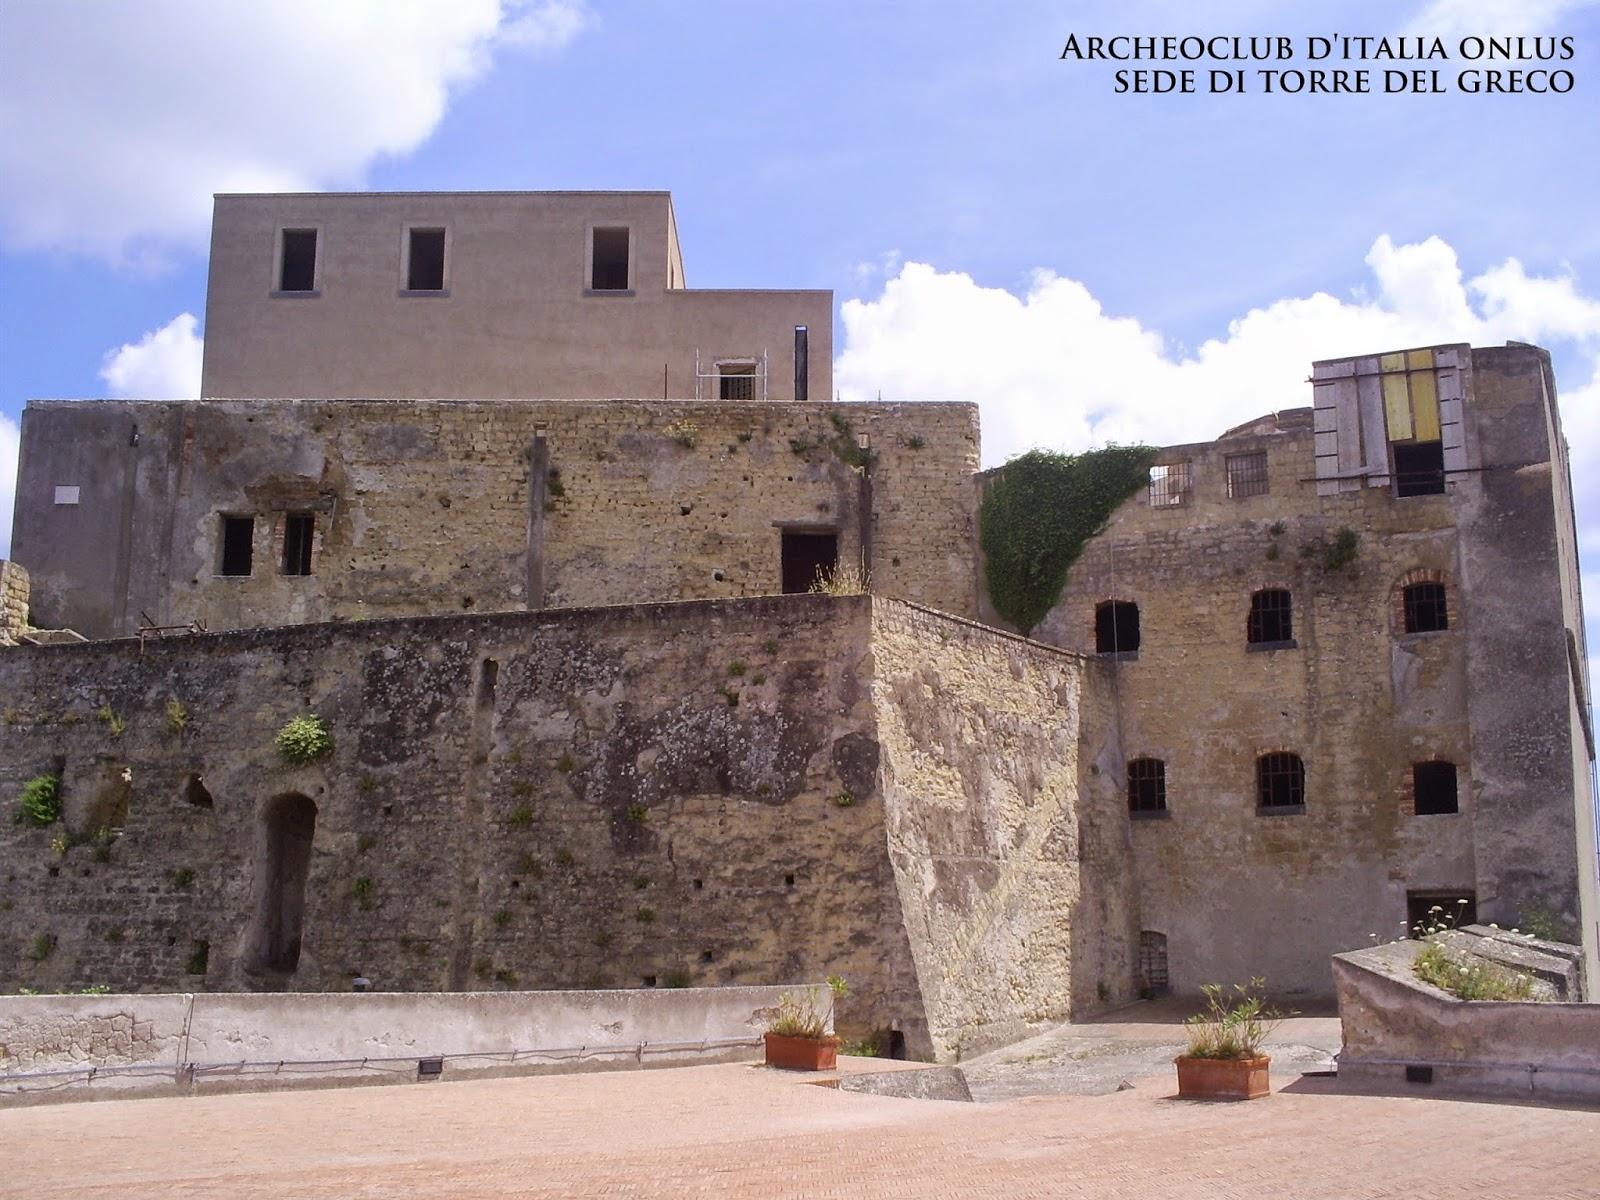 Archeoclub italia onlus torre del greco maggio 2015 - Piscina torre del greco ...